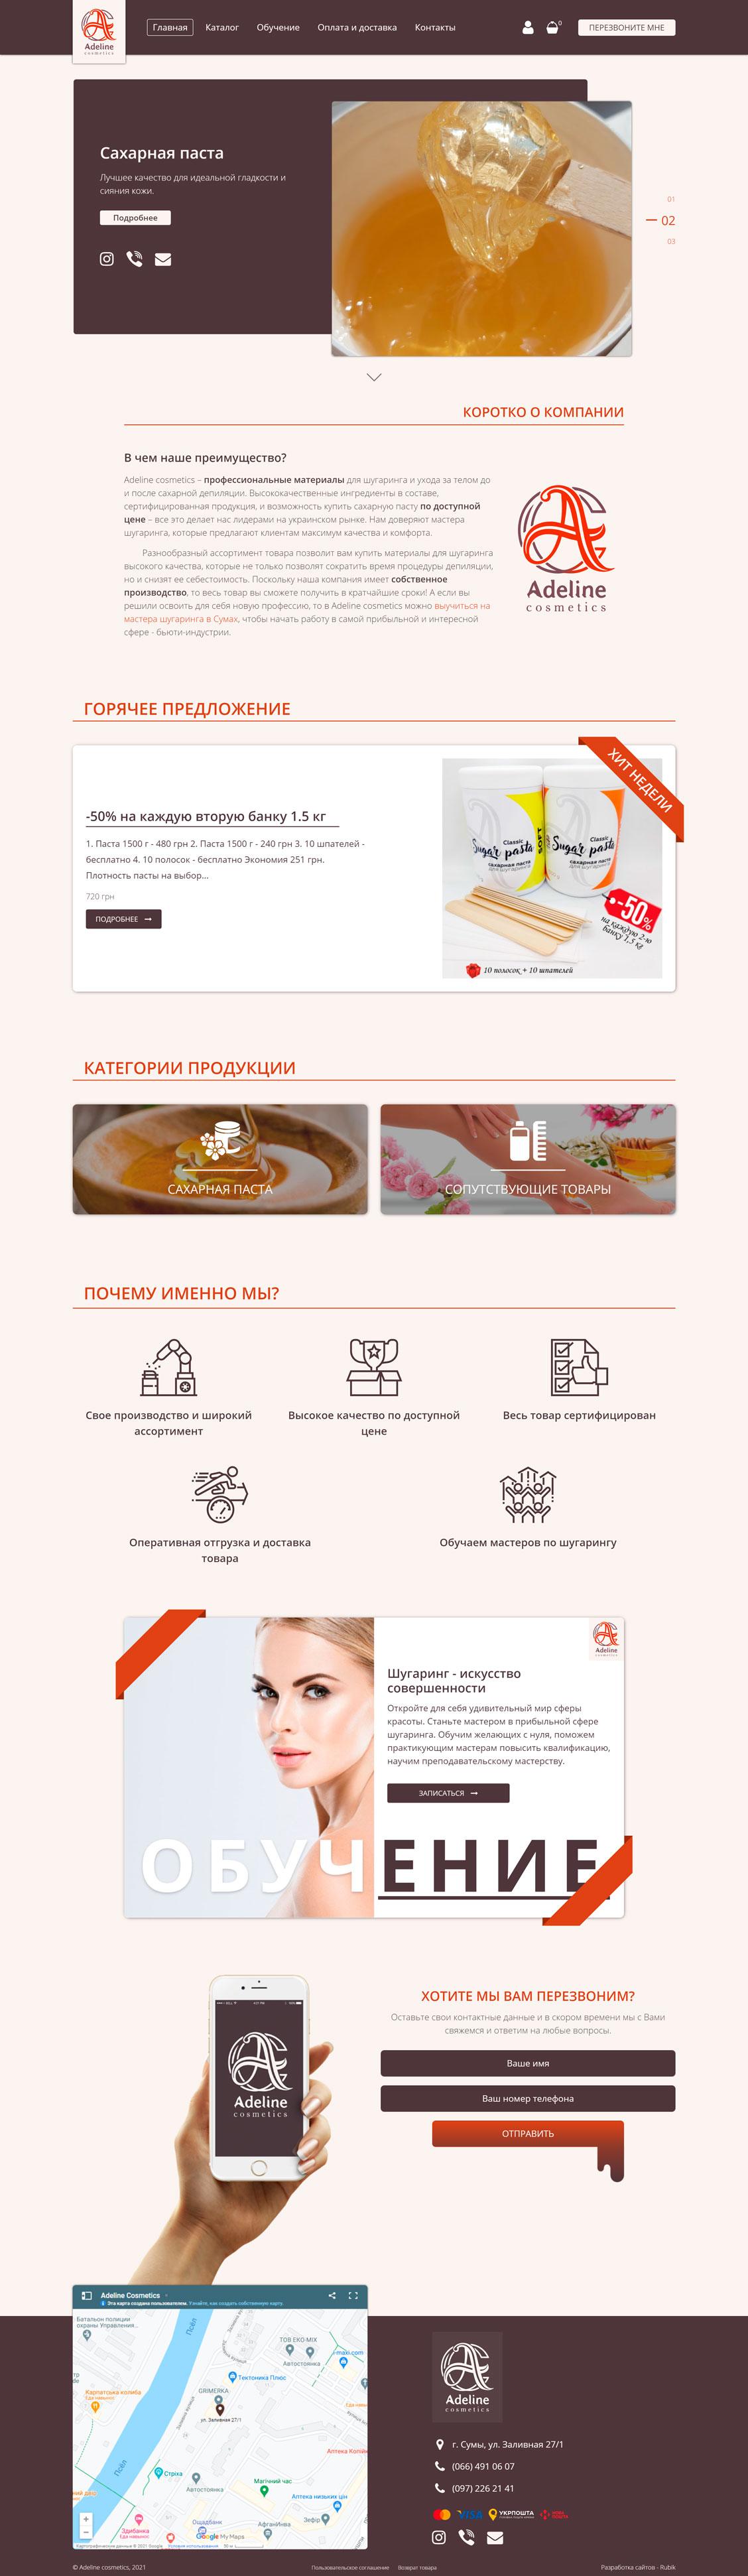 Головна сторінка Adeline cosmetics